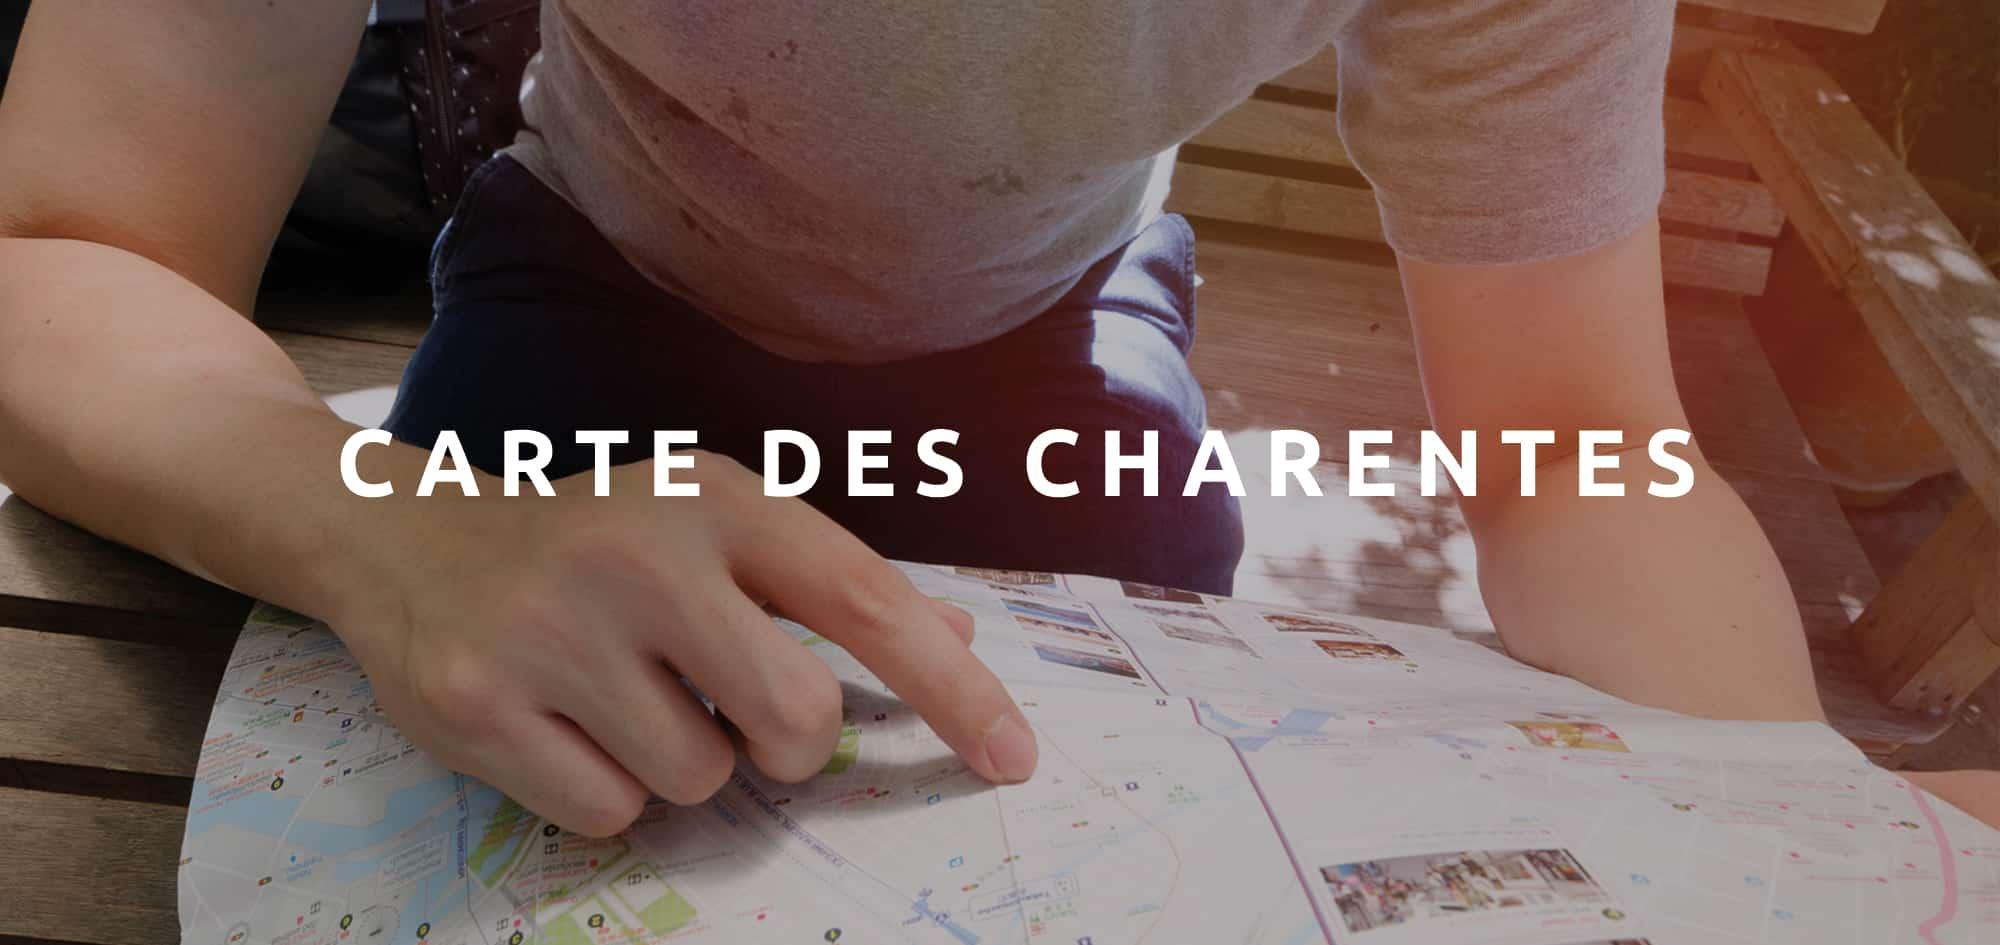 Télécharger la Carte des Charentes